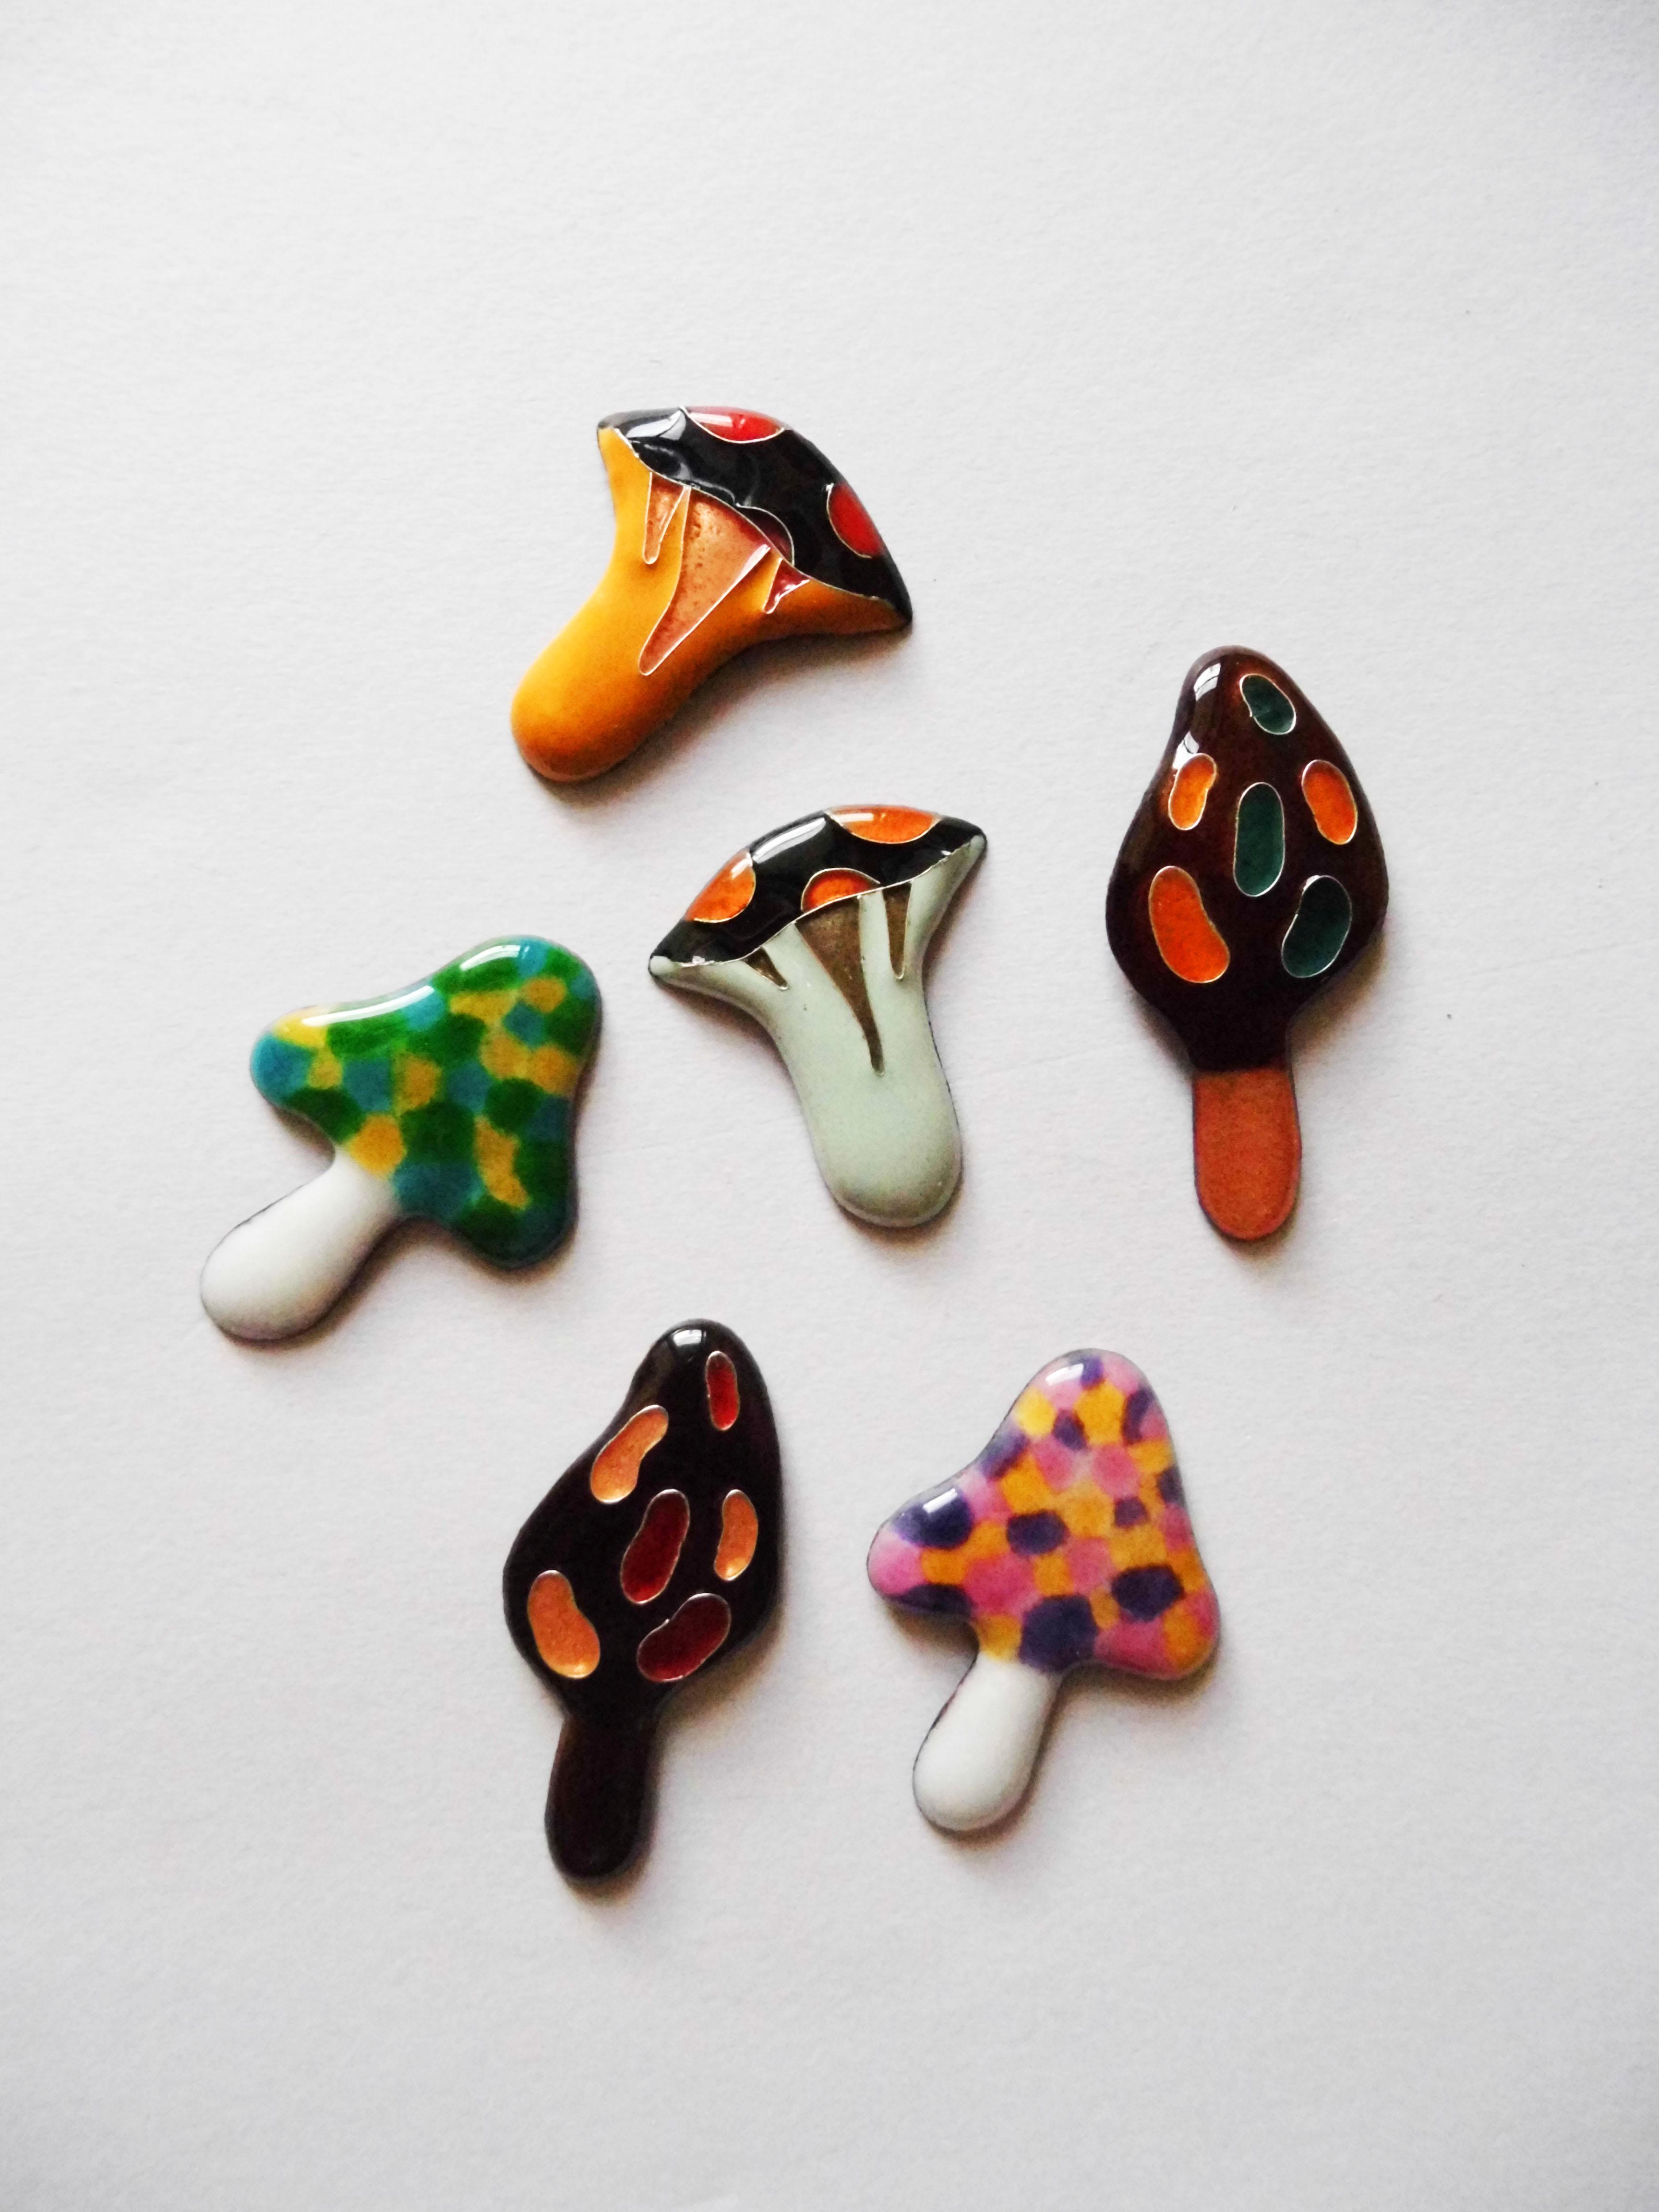 Mushroom brooch pins